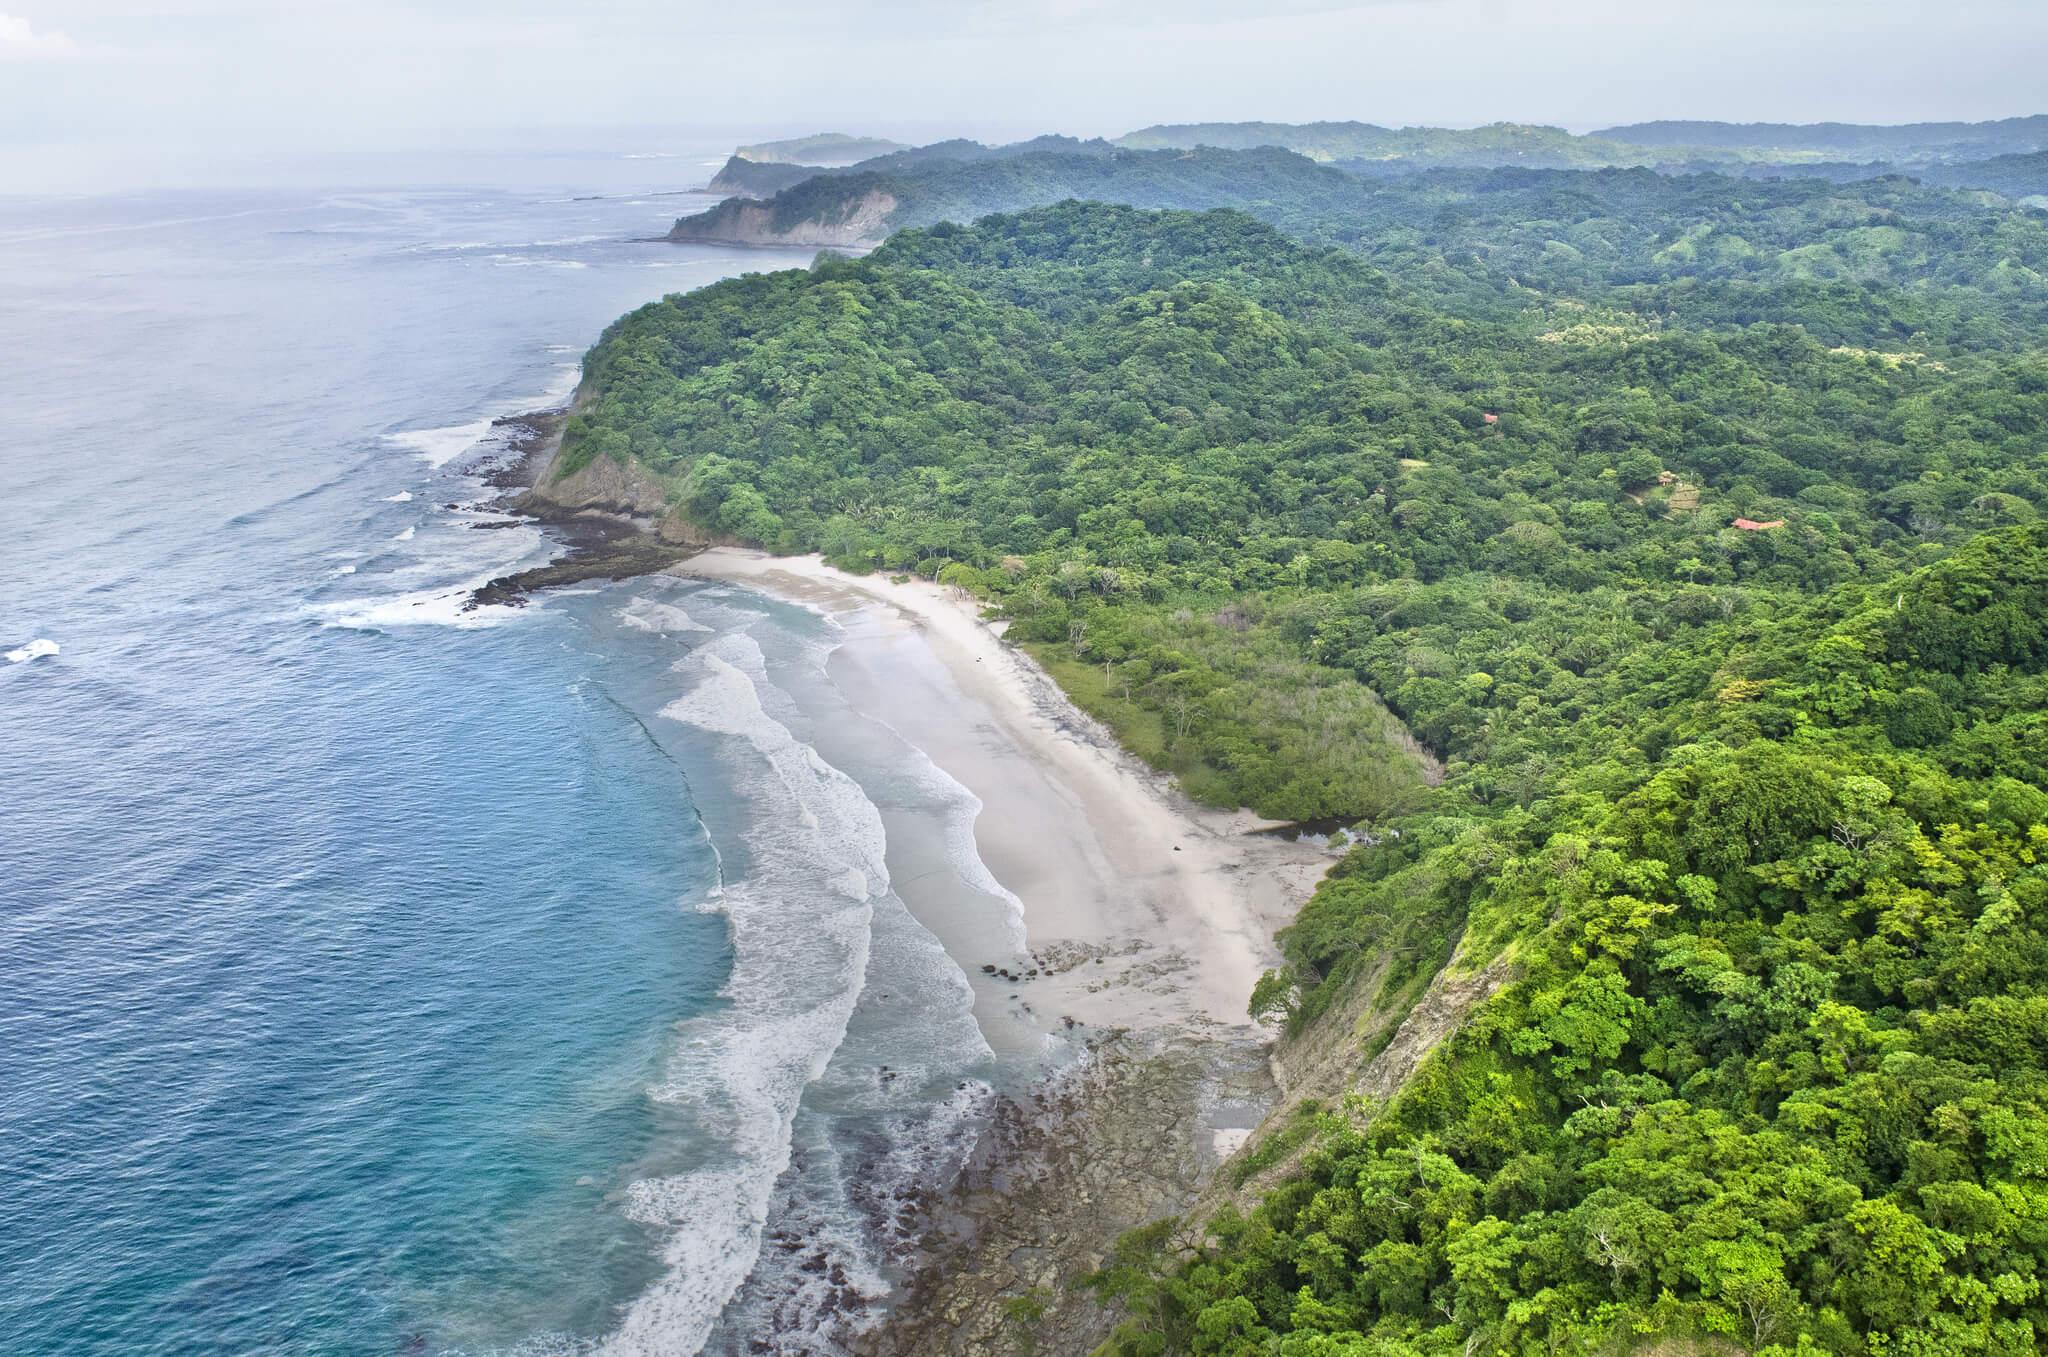 Playa Barrigona Samara Costa Rica